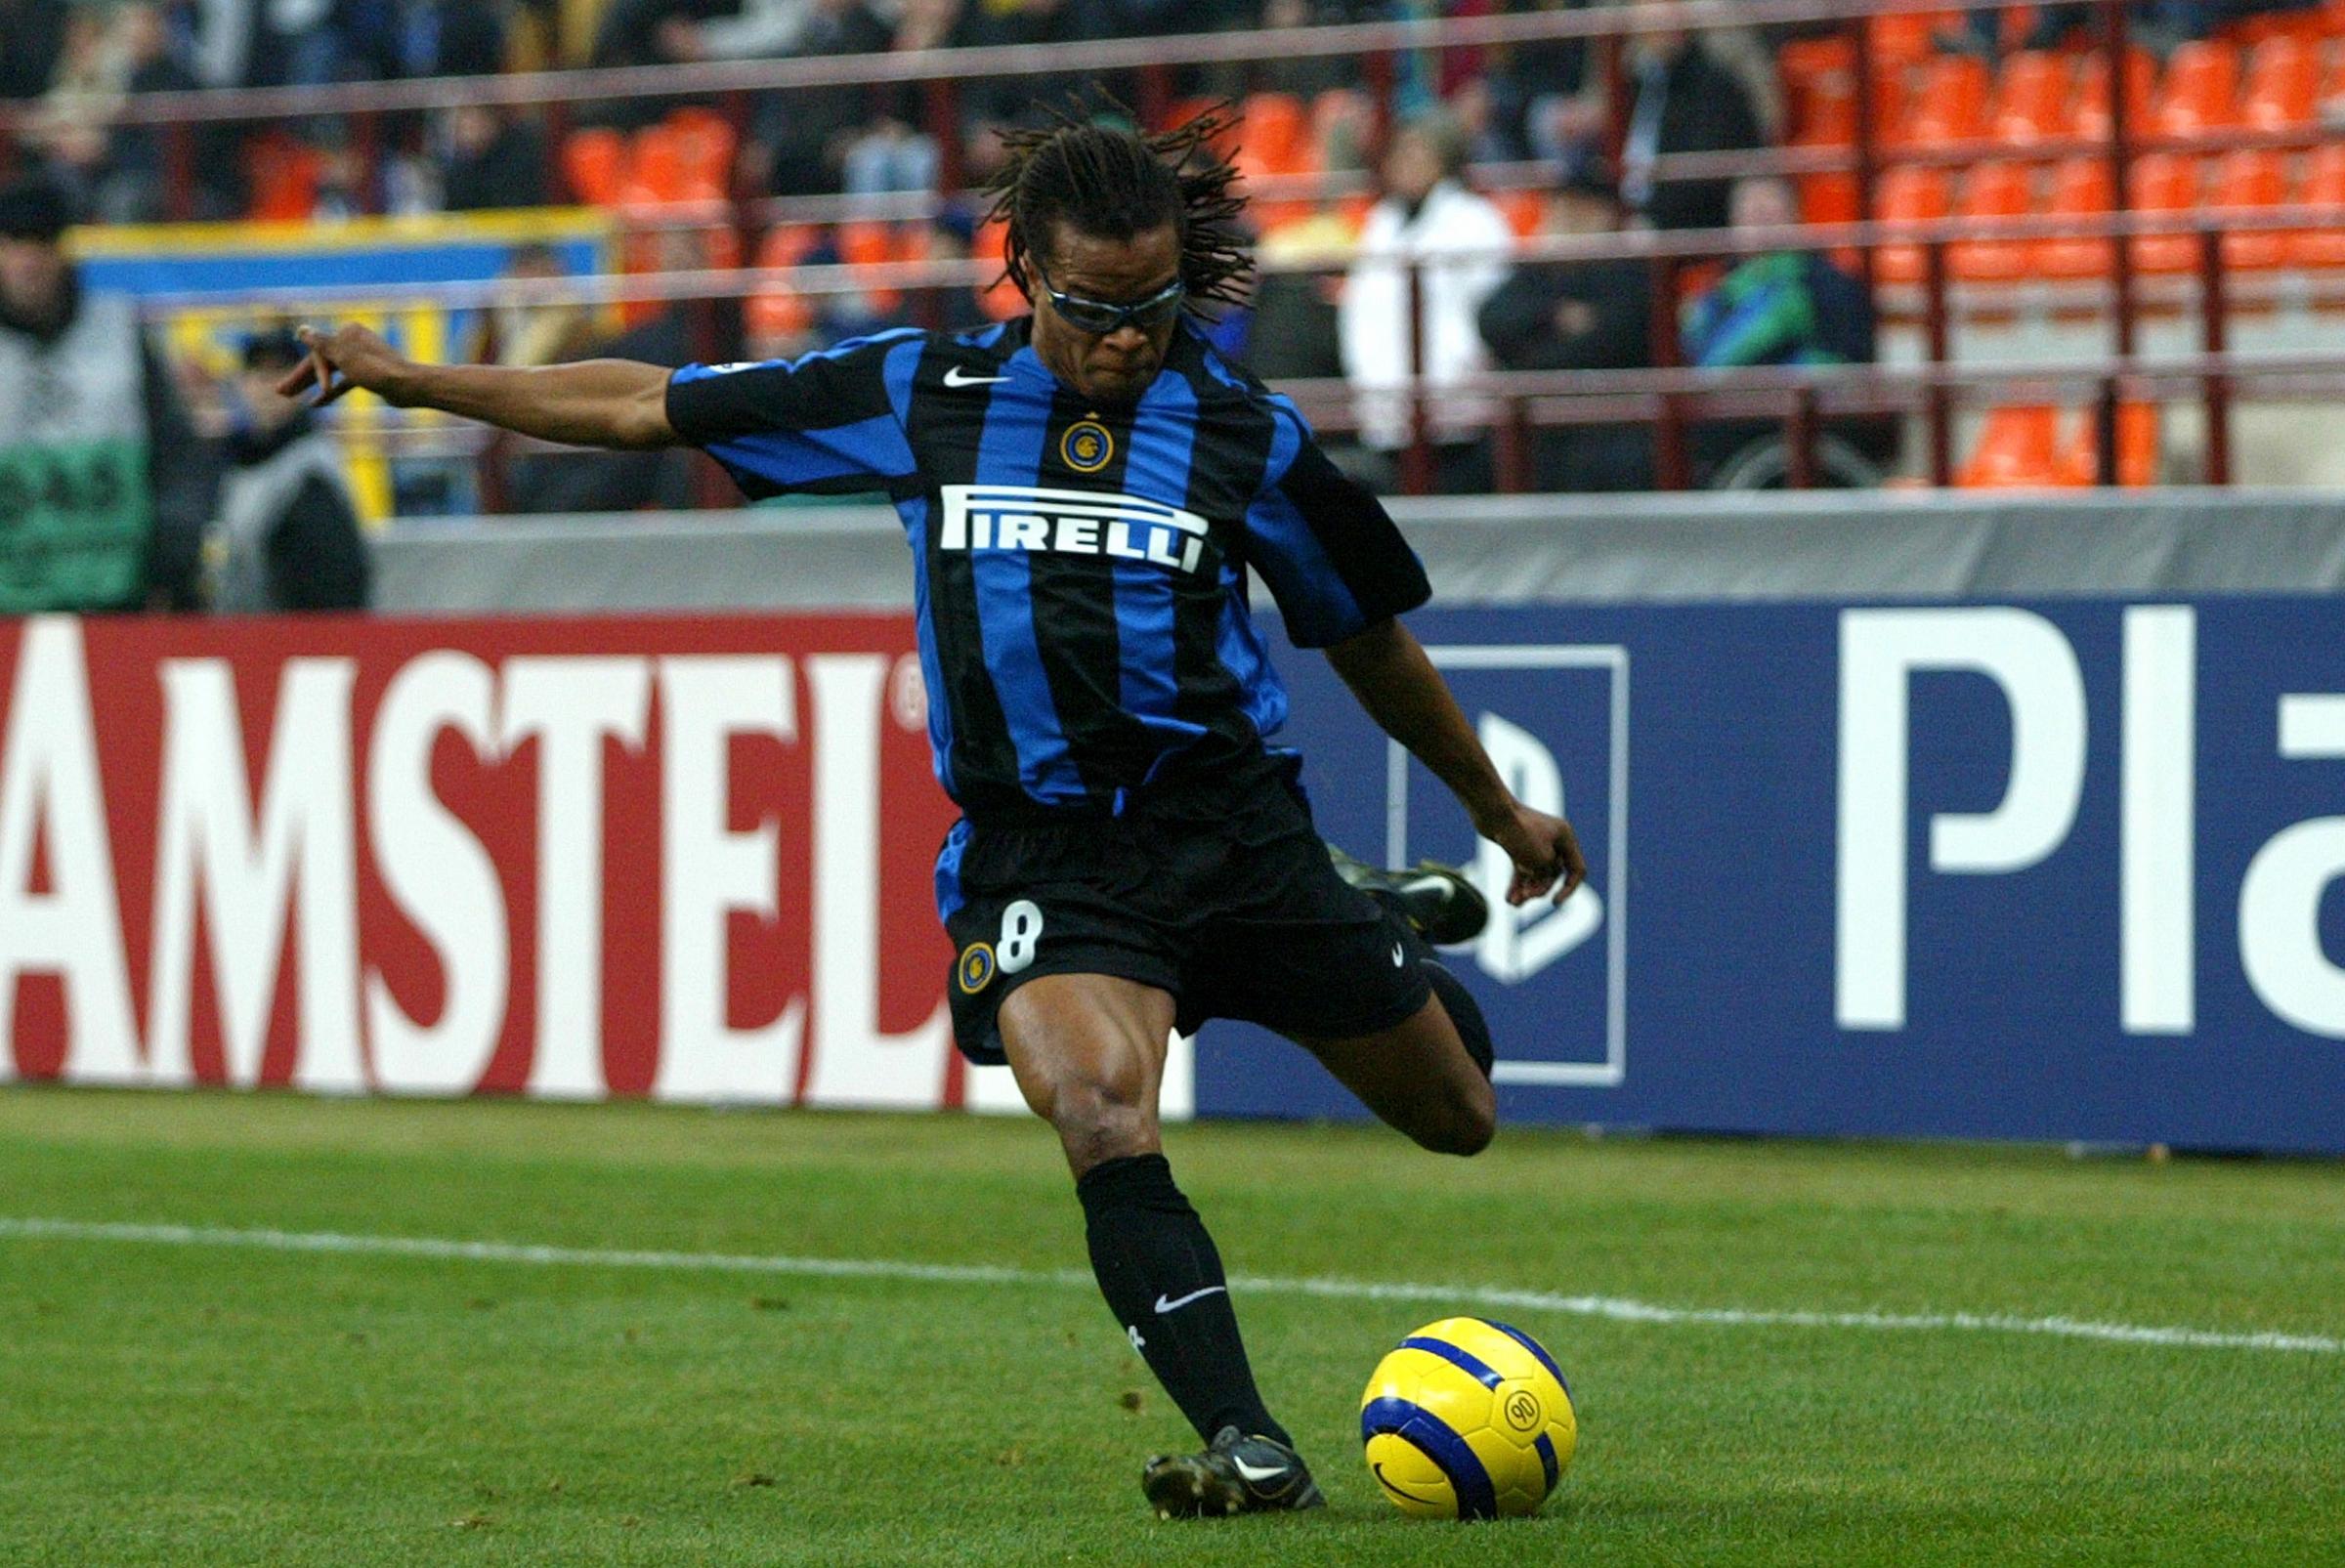 Davids-Inter